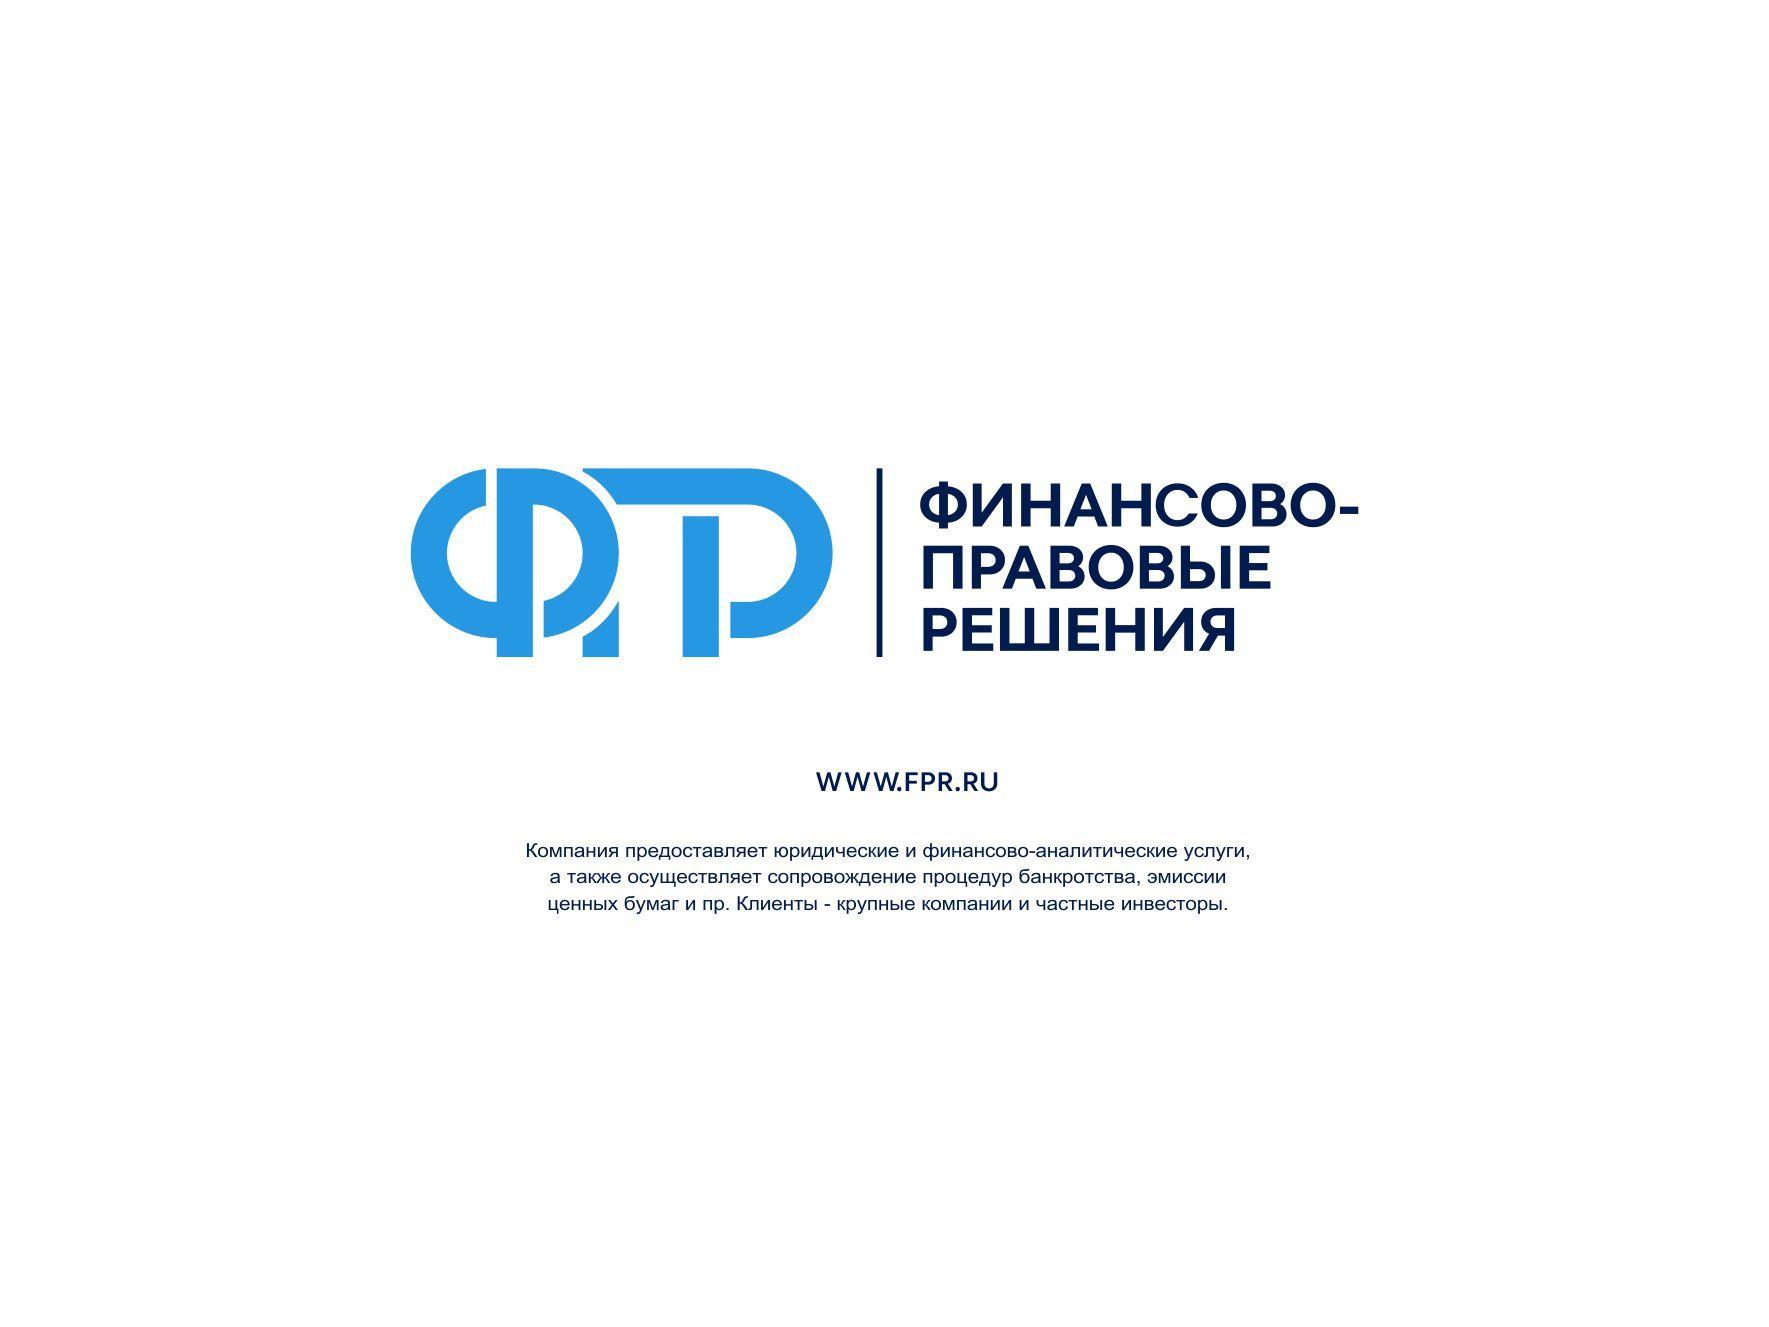 Лого и фирменный стиль для ФИНАНСОВО-ПРАВОВЫЕ РЕШЕНИЯ (сокращенно - ФПР) - дизайнер katarin